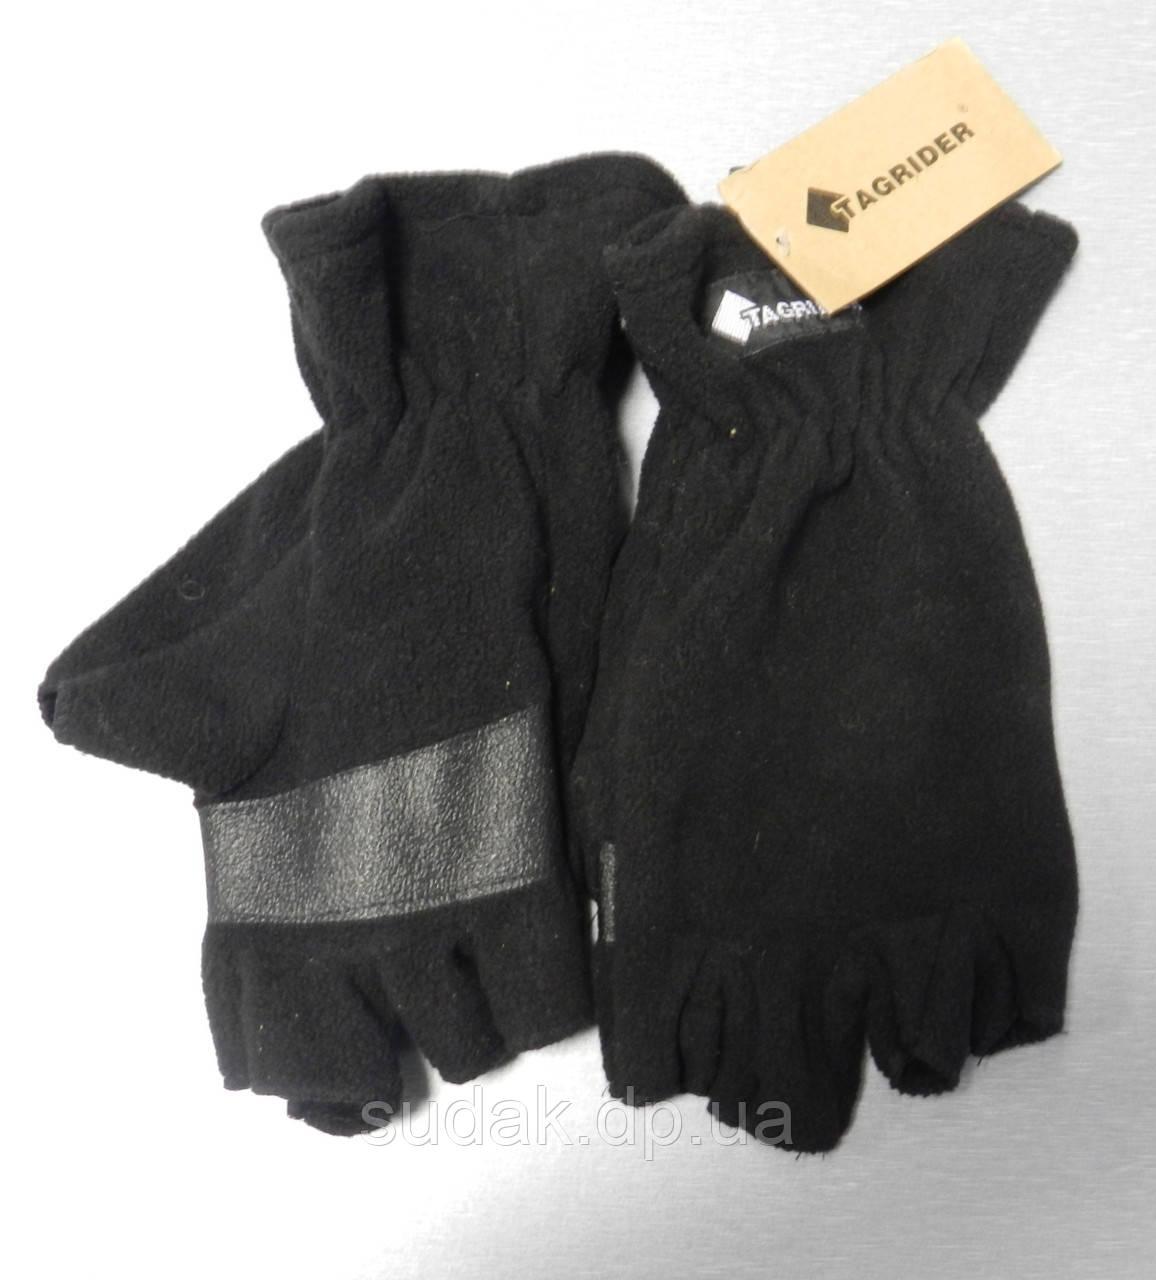 Перчатки Tagrider открытые пальцы L